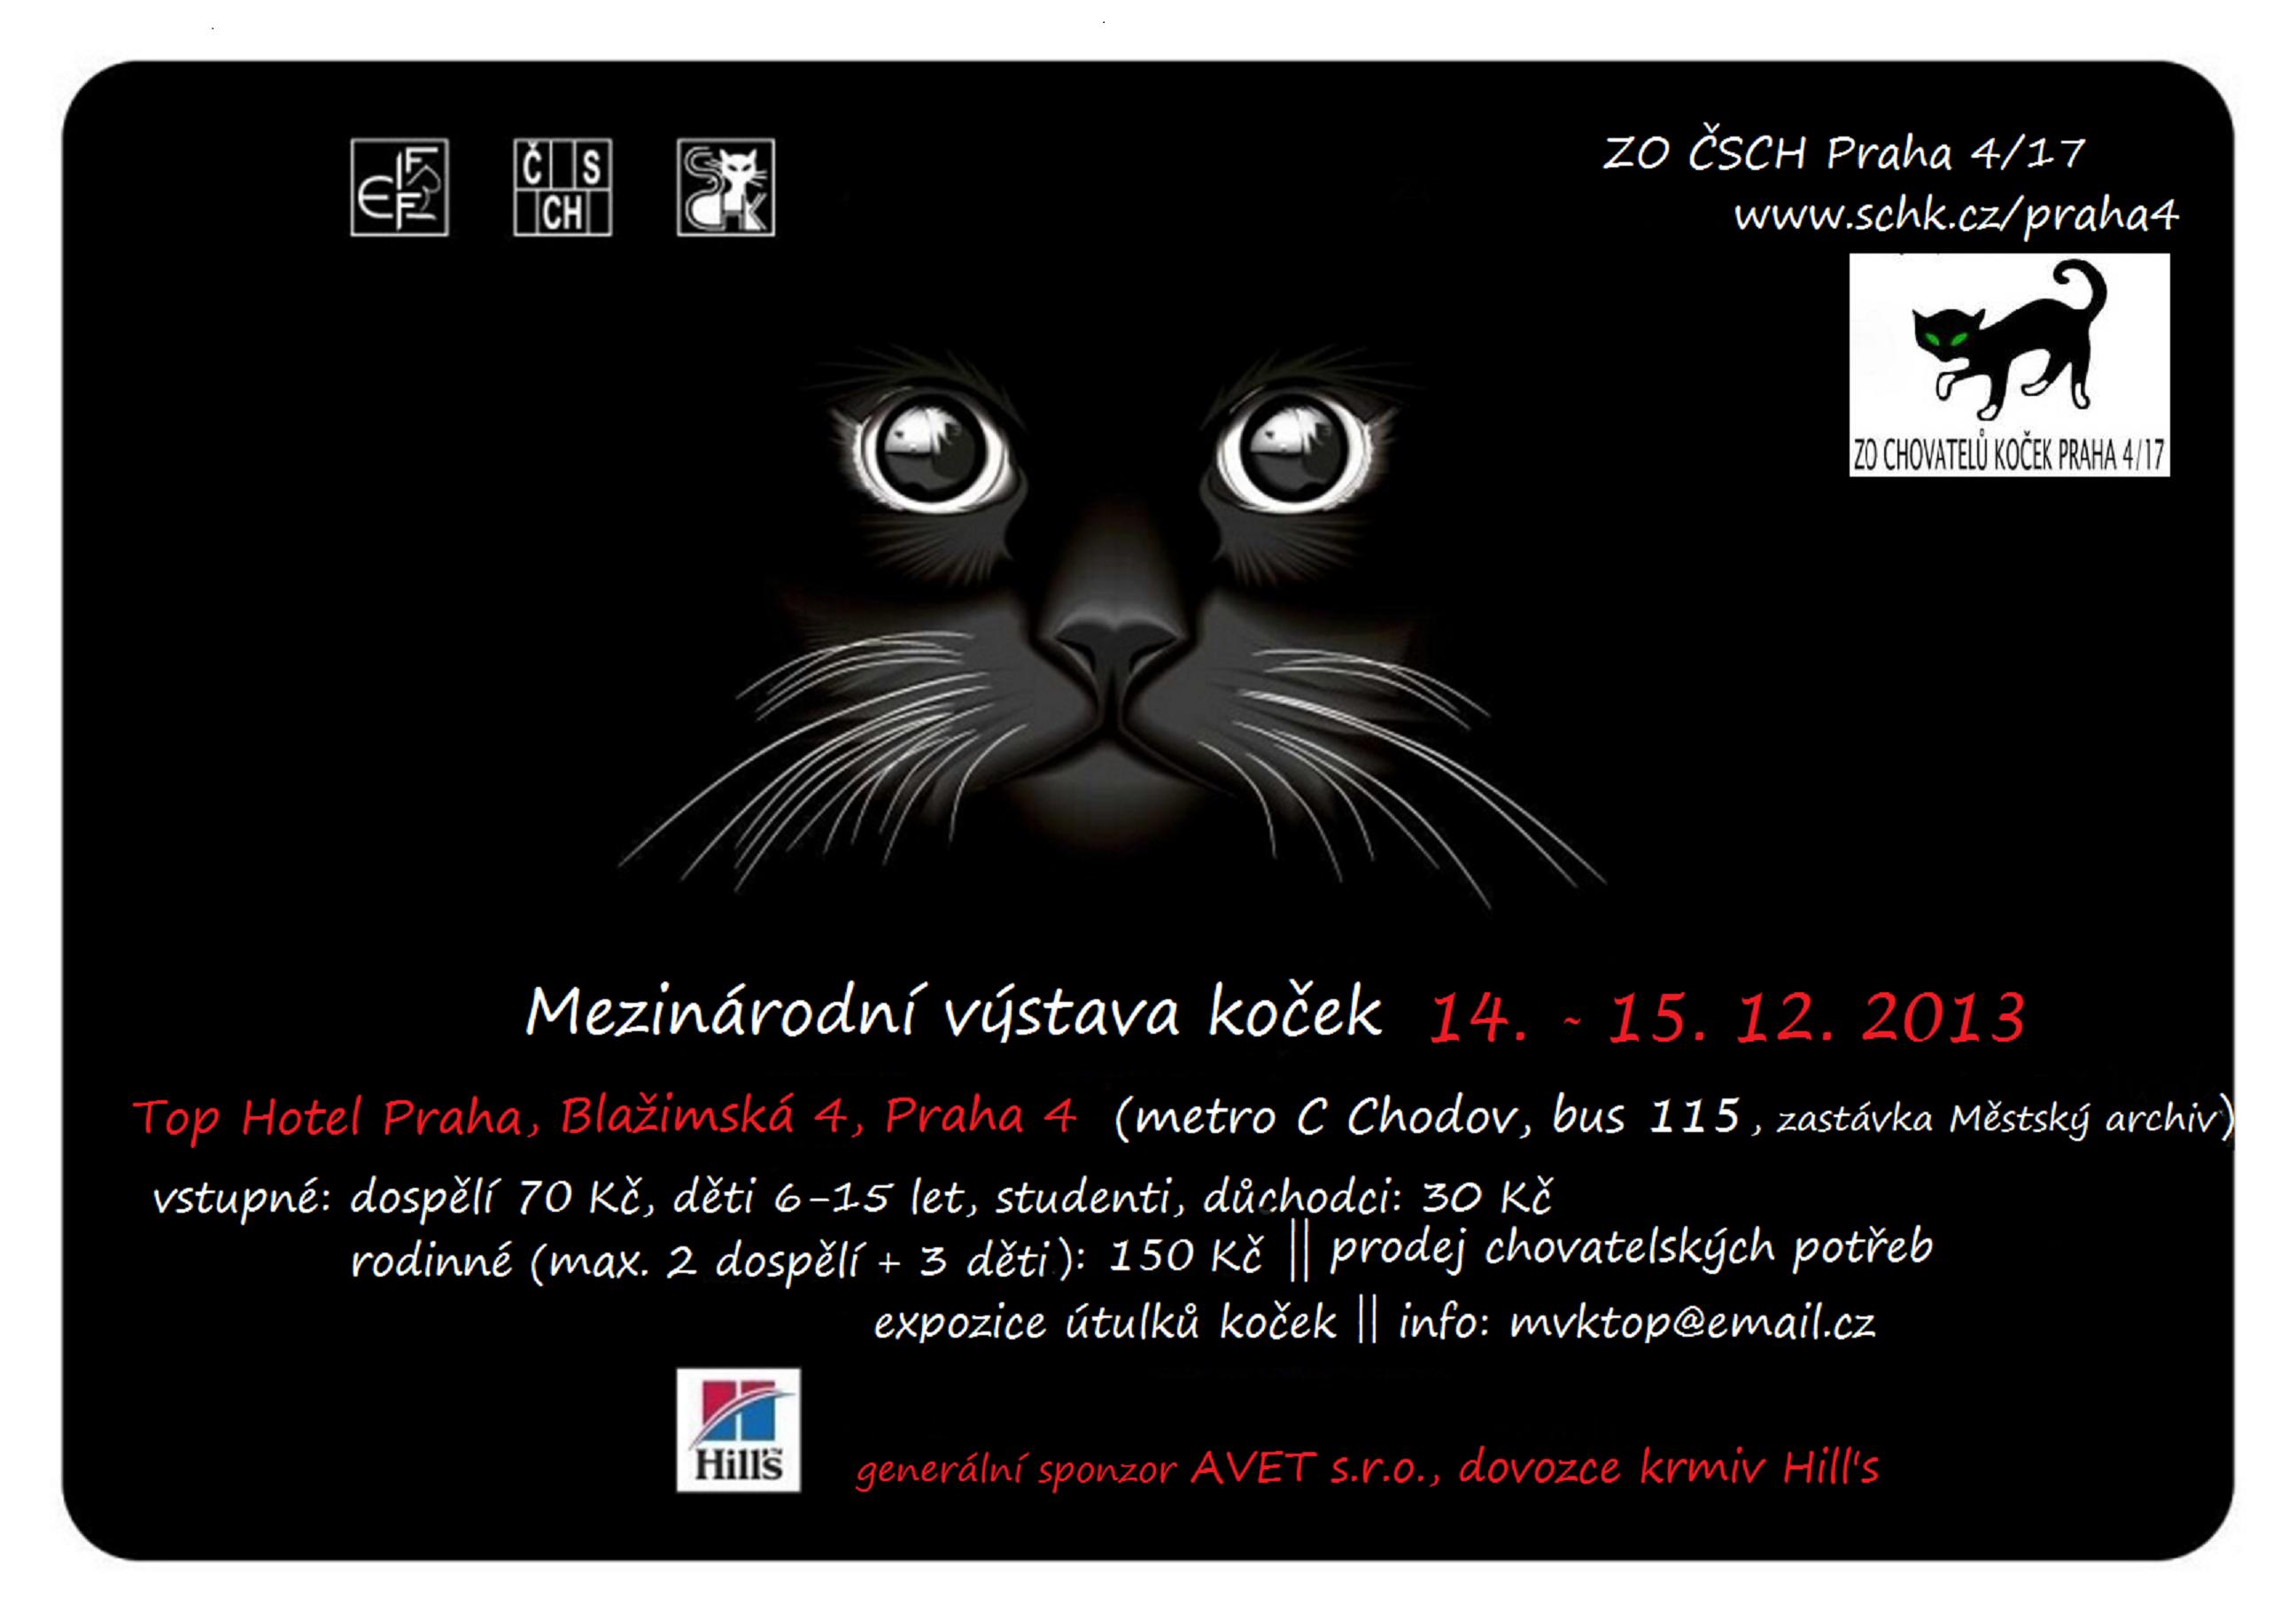 MVK Praha